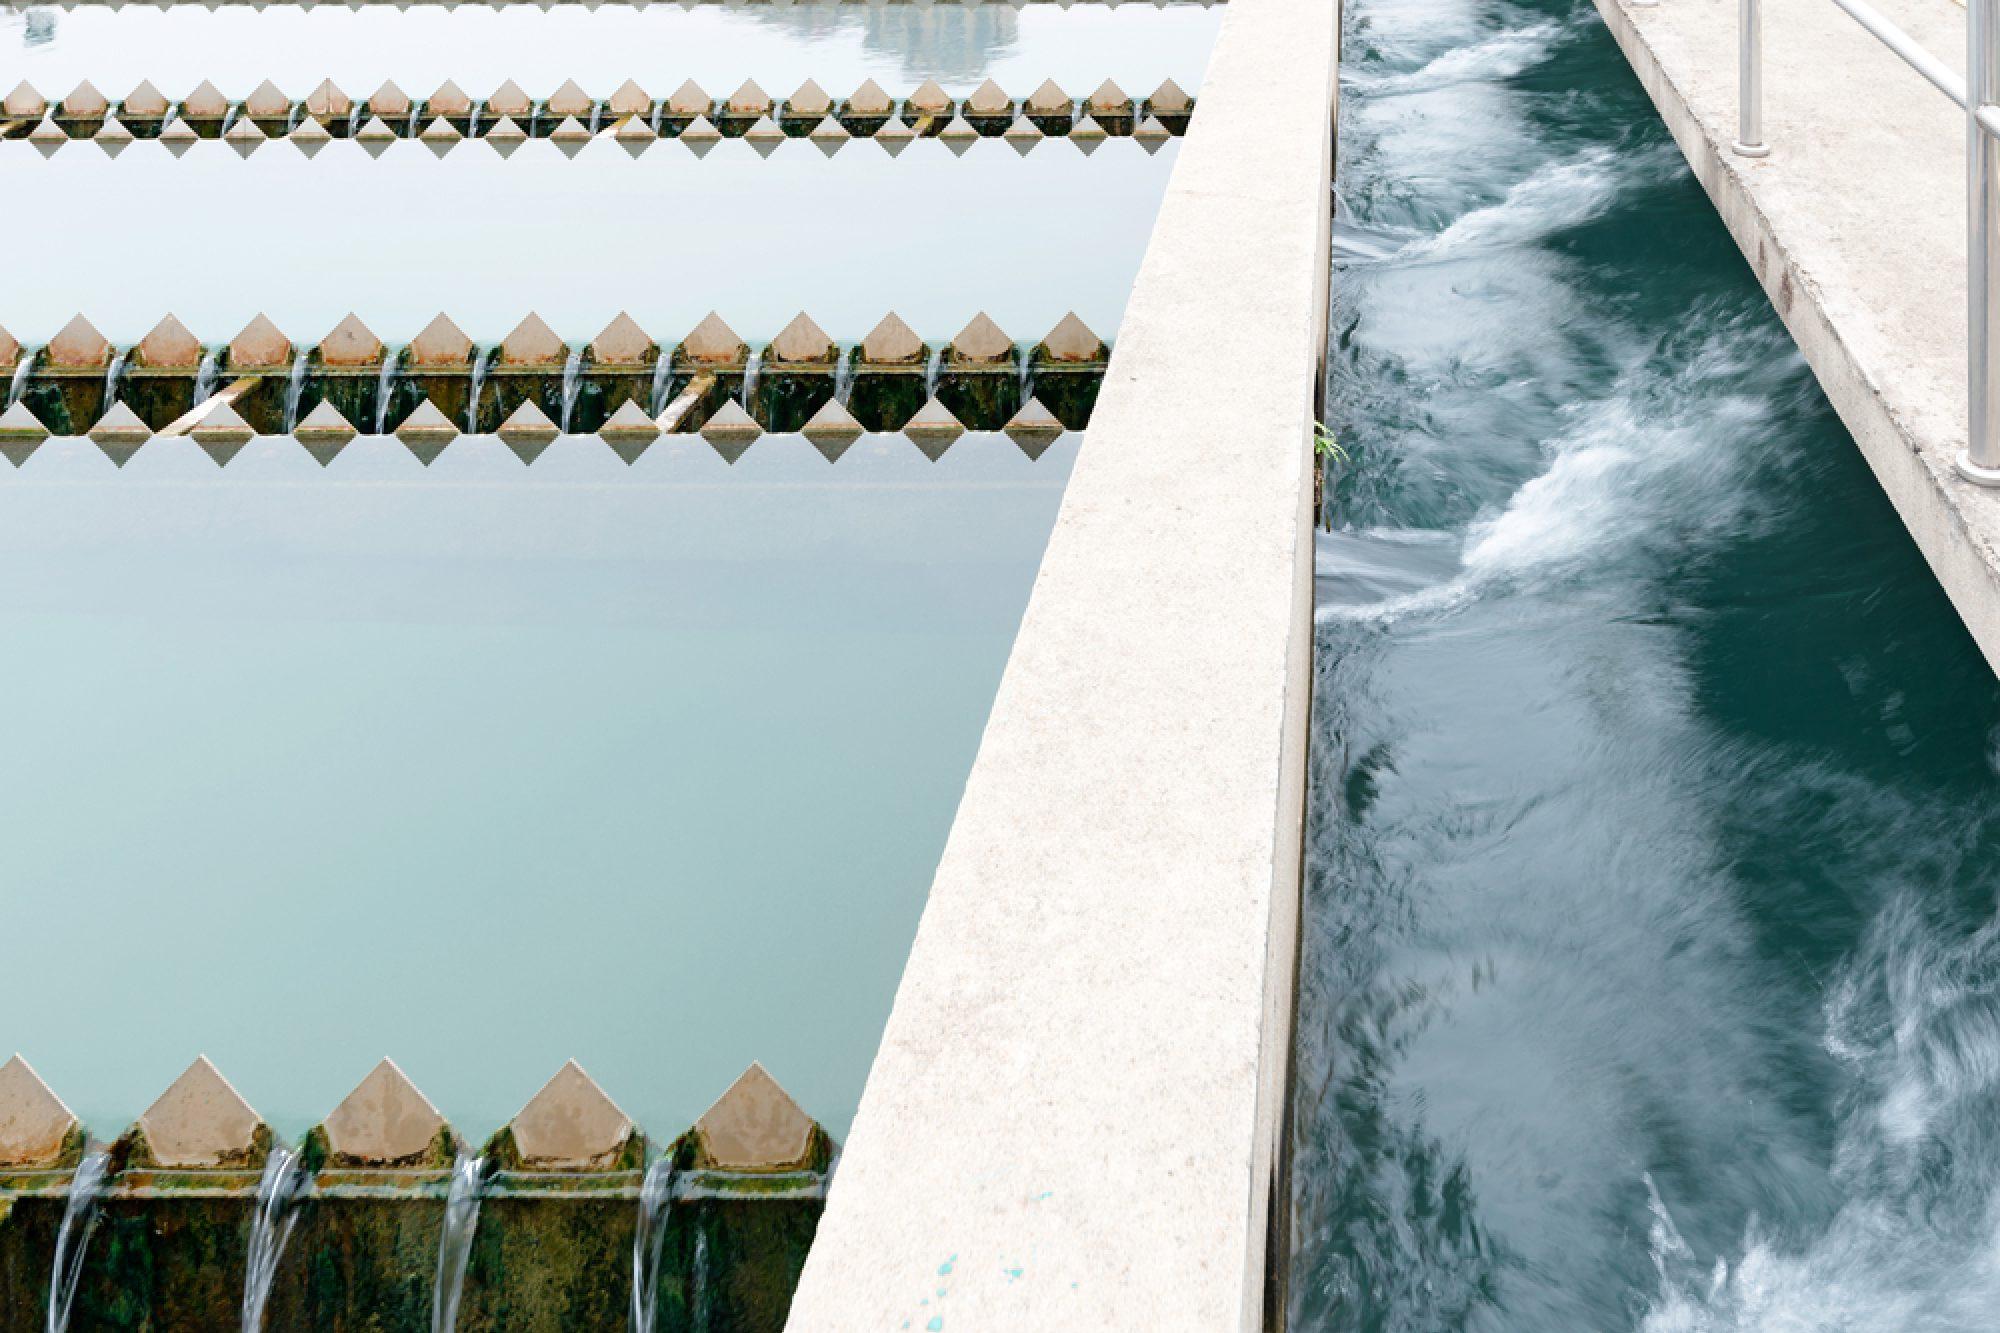 Das Foto zeigt einen Bildausschnitt eines offenen Freibeckens in einer Kläranlage.